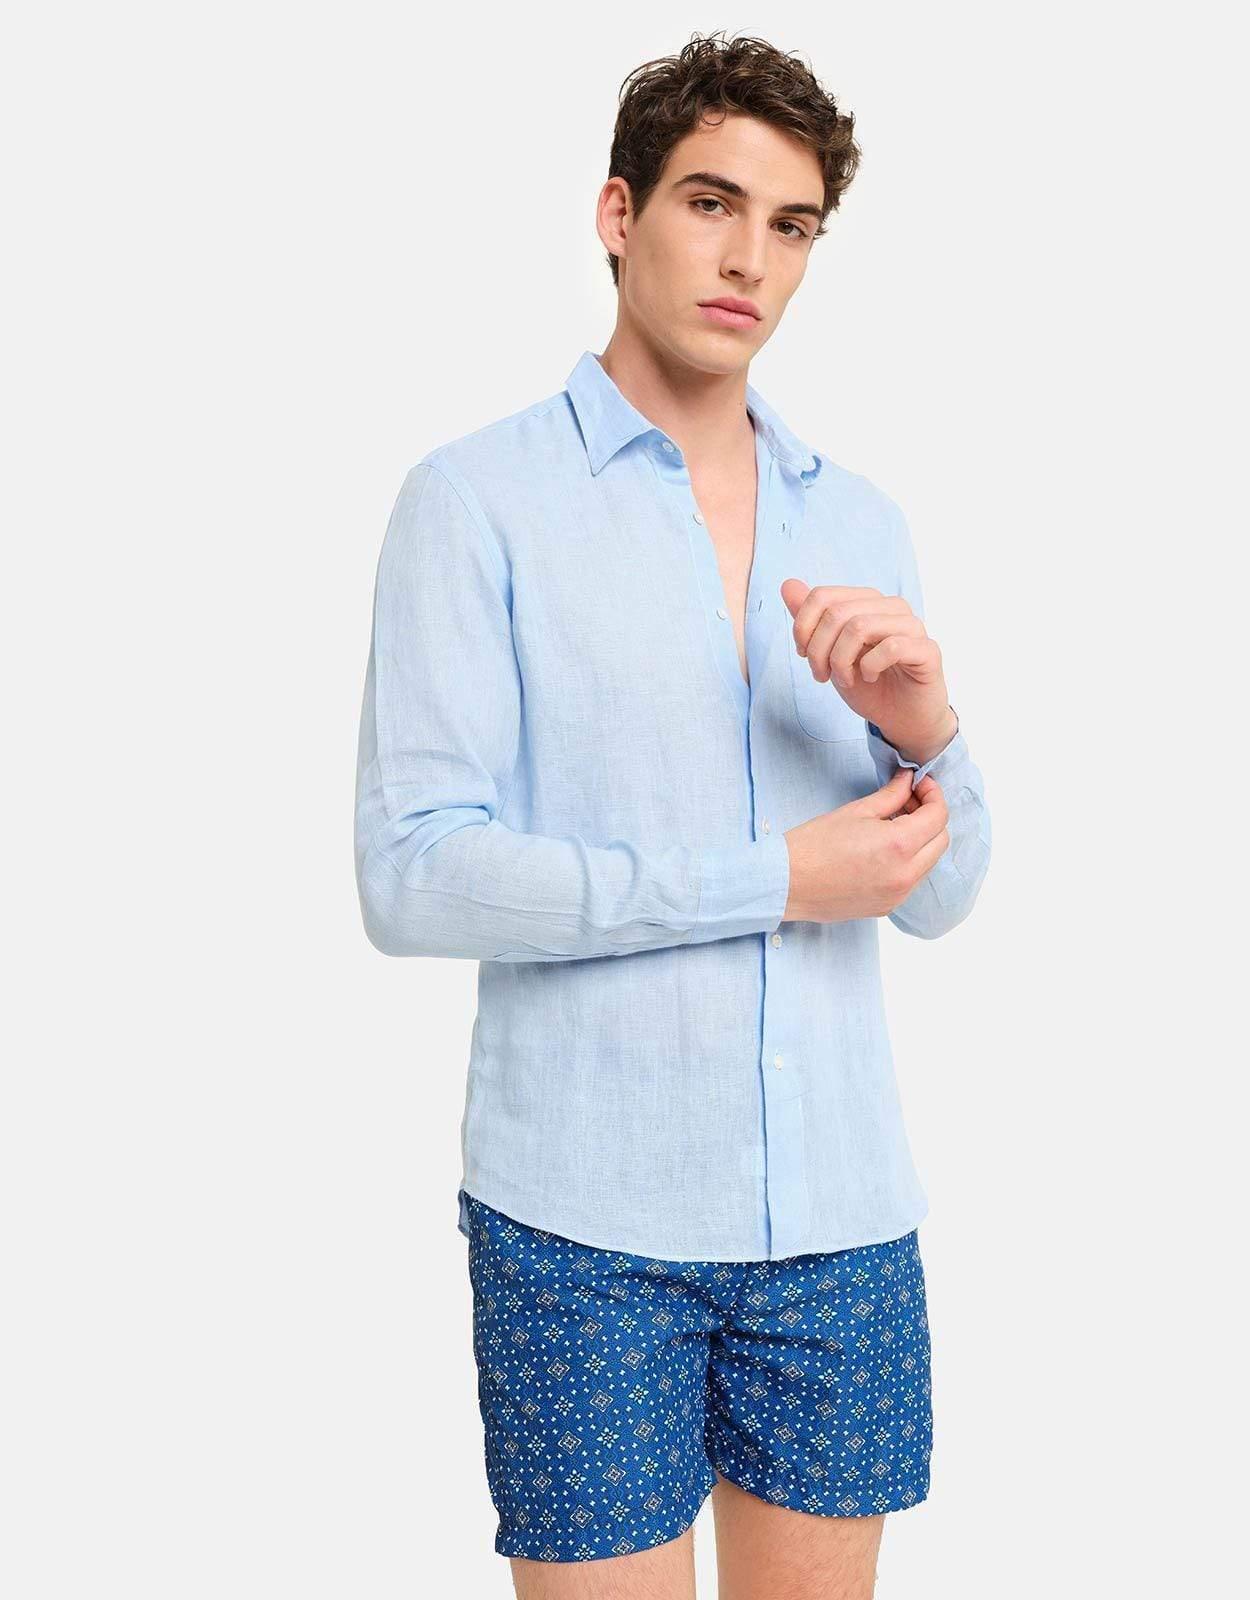 Peninsula Swimwear Linens SHIRT BUDELLI LINEN